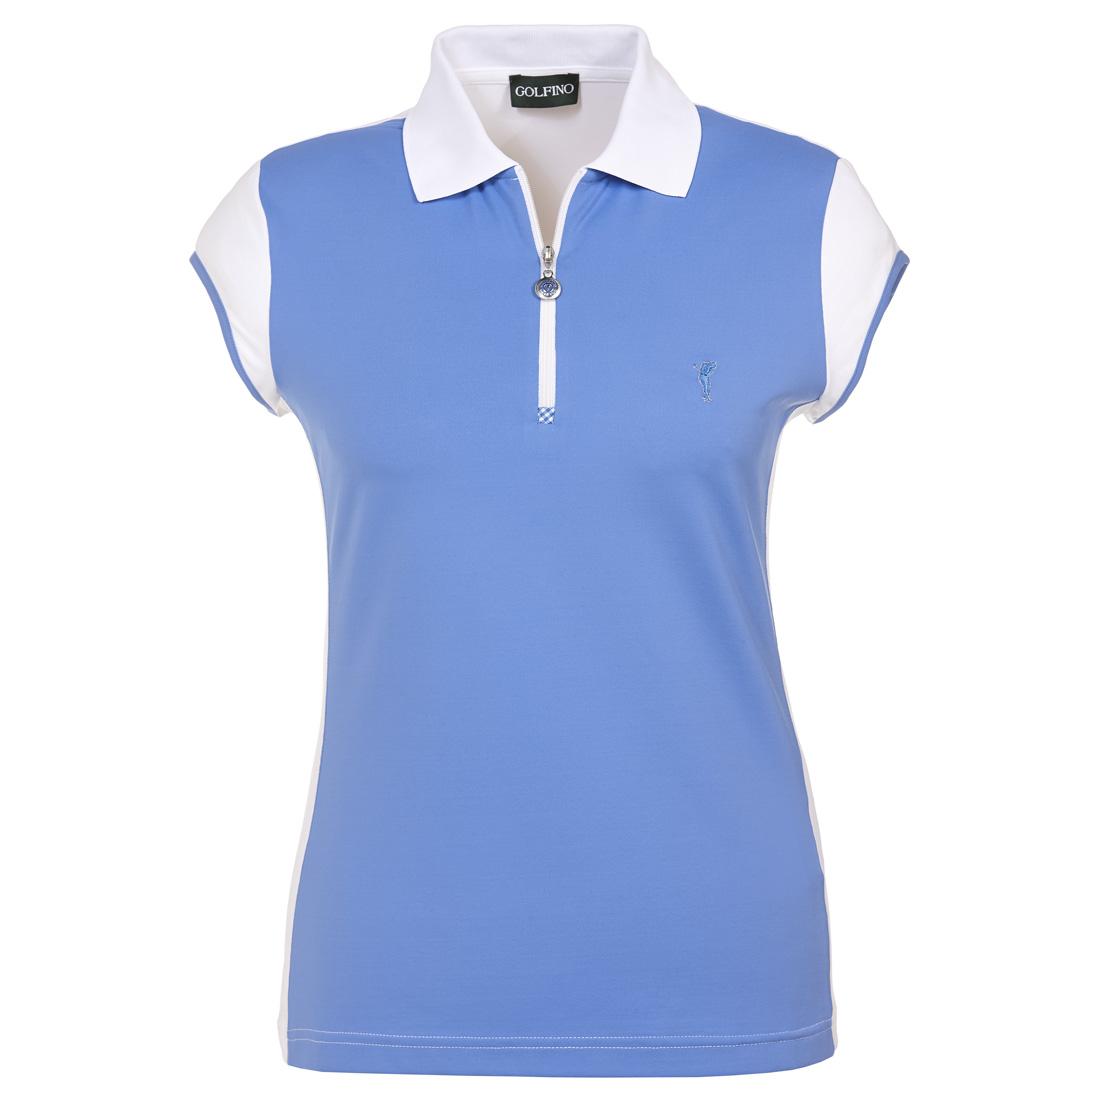 Rundhals Damen Funktions-Golfpolo mit Zip